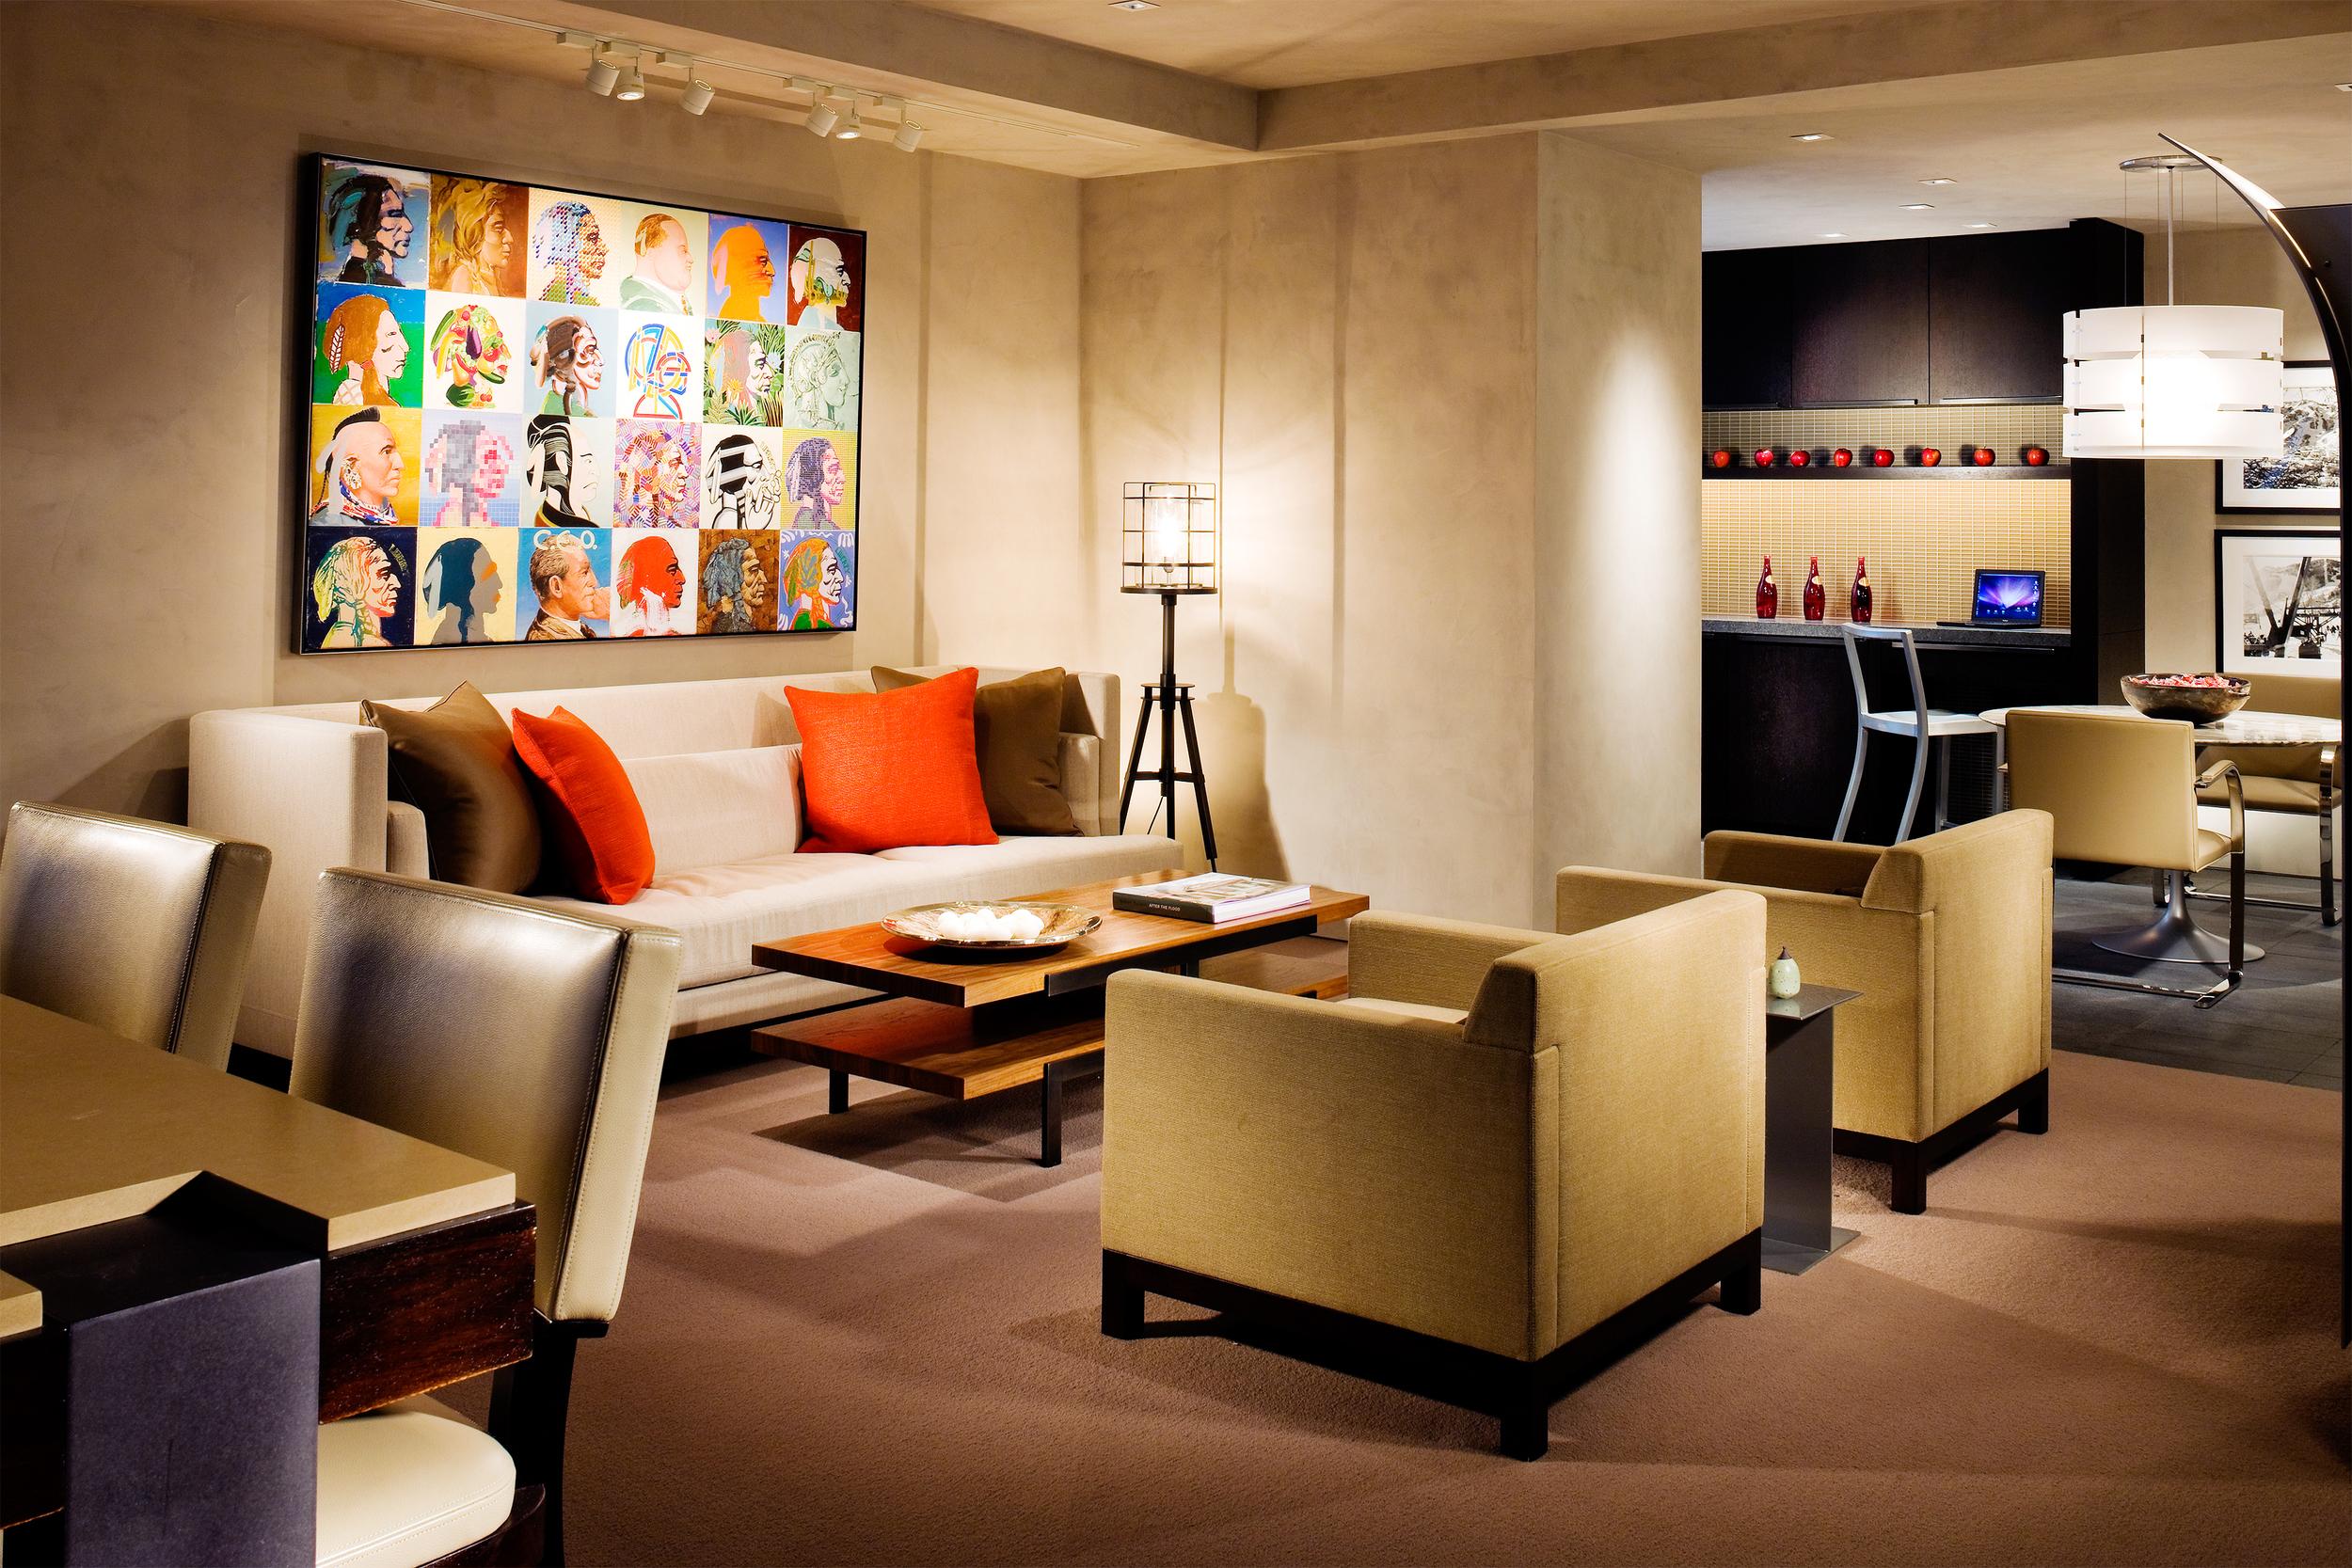 b&gdesign-living-room.jpg